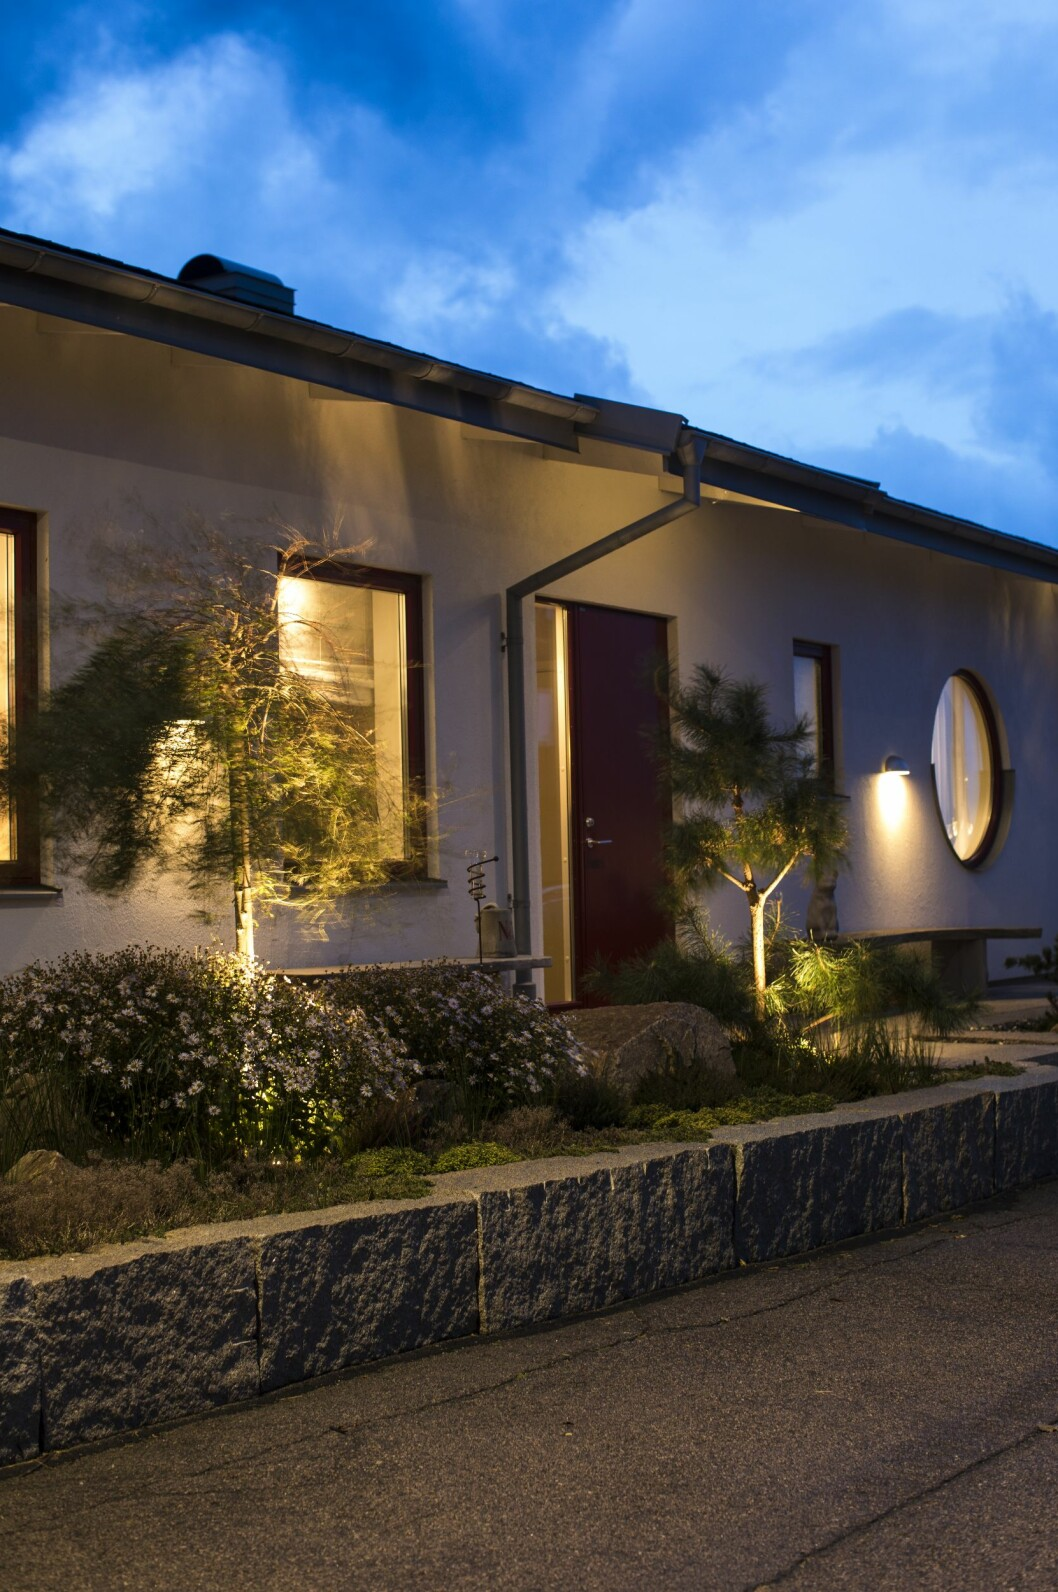 Trädgården har fått belysning i alla ändar – här syns framsidan av huset som bjuder in med lampor längs med väggarna.